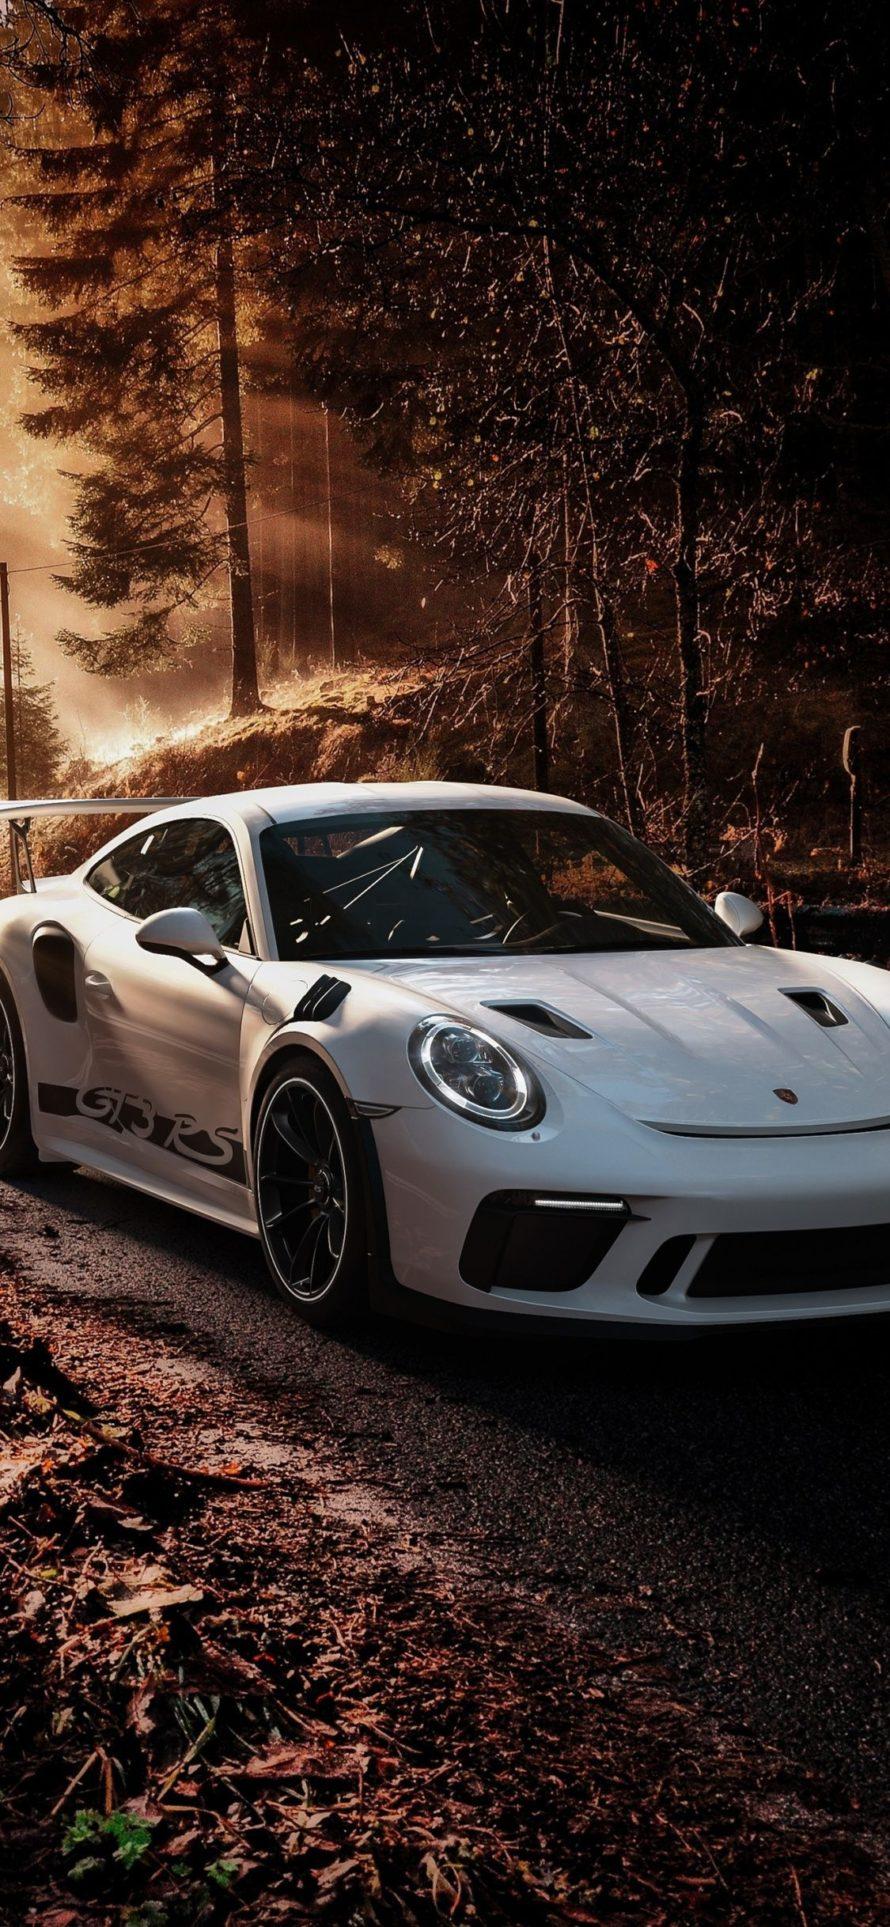 Porsche 911 Wallpaper Iphone Porsche 911 Gt3 Rs Wallpaper Iphone 890x1927 Wallpaper Teahub Io